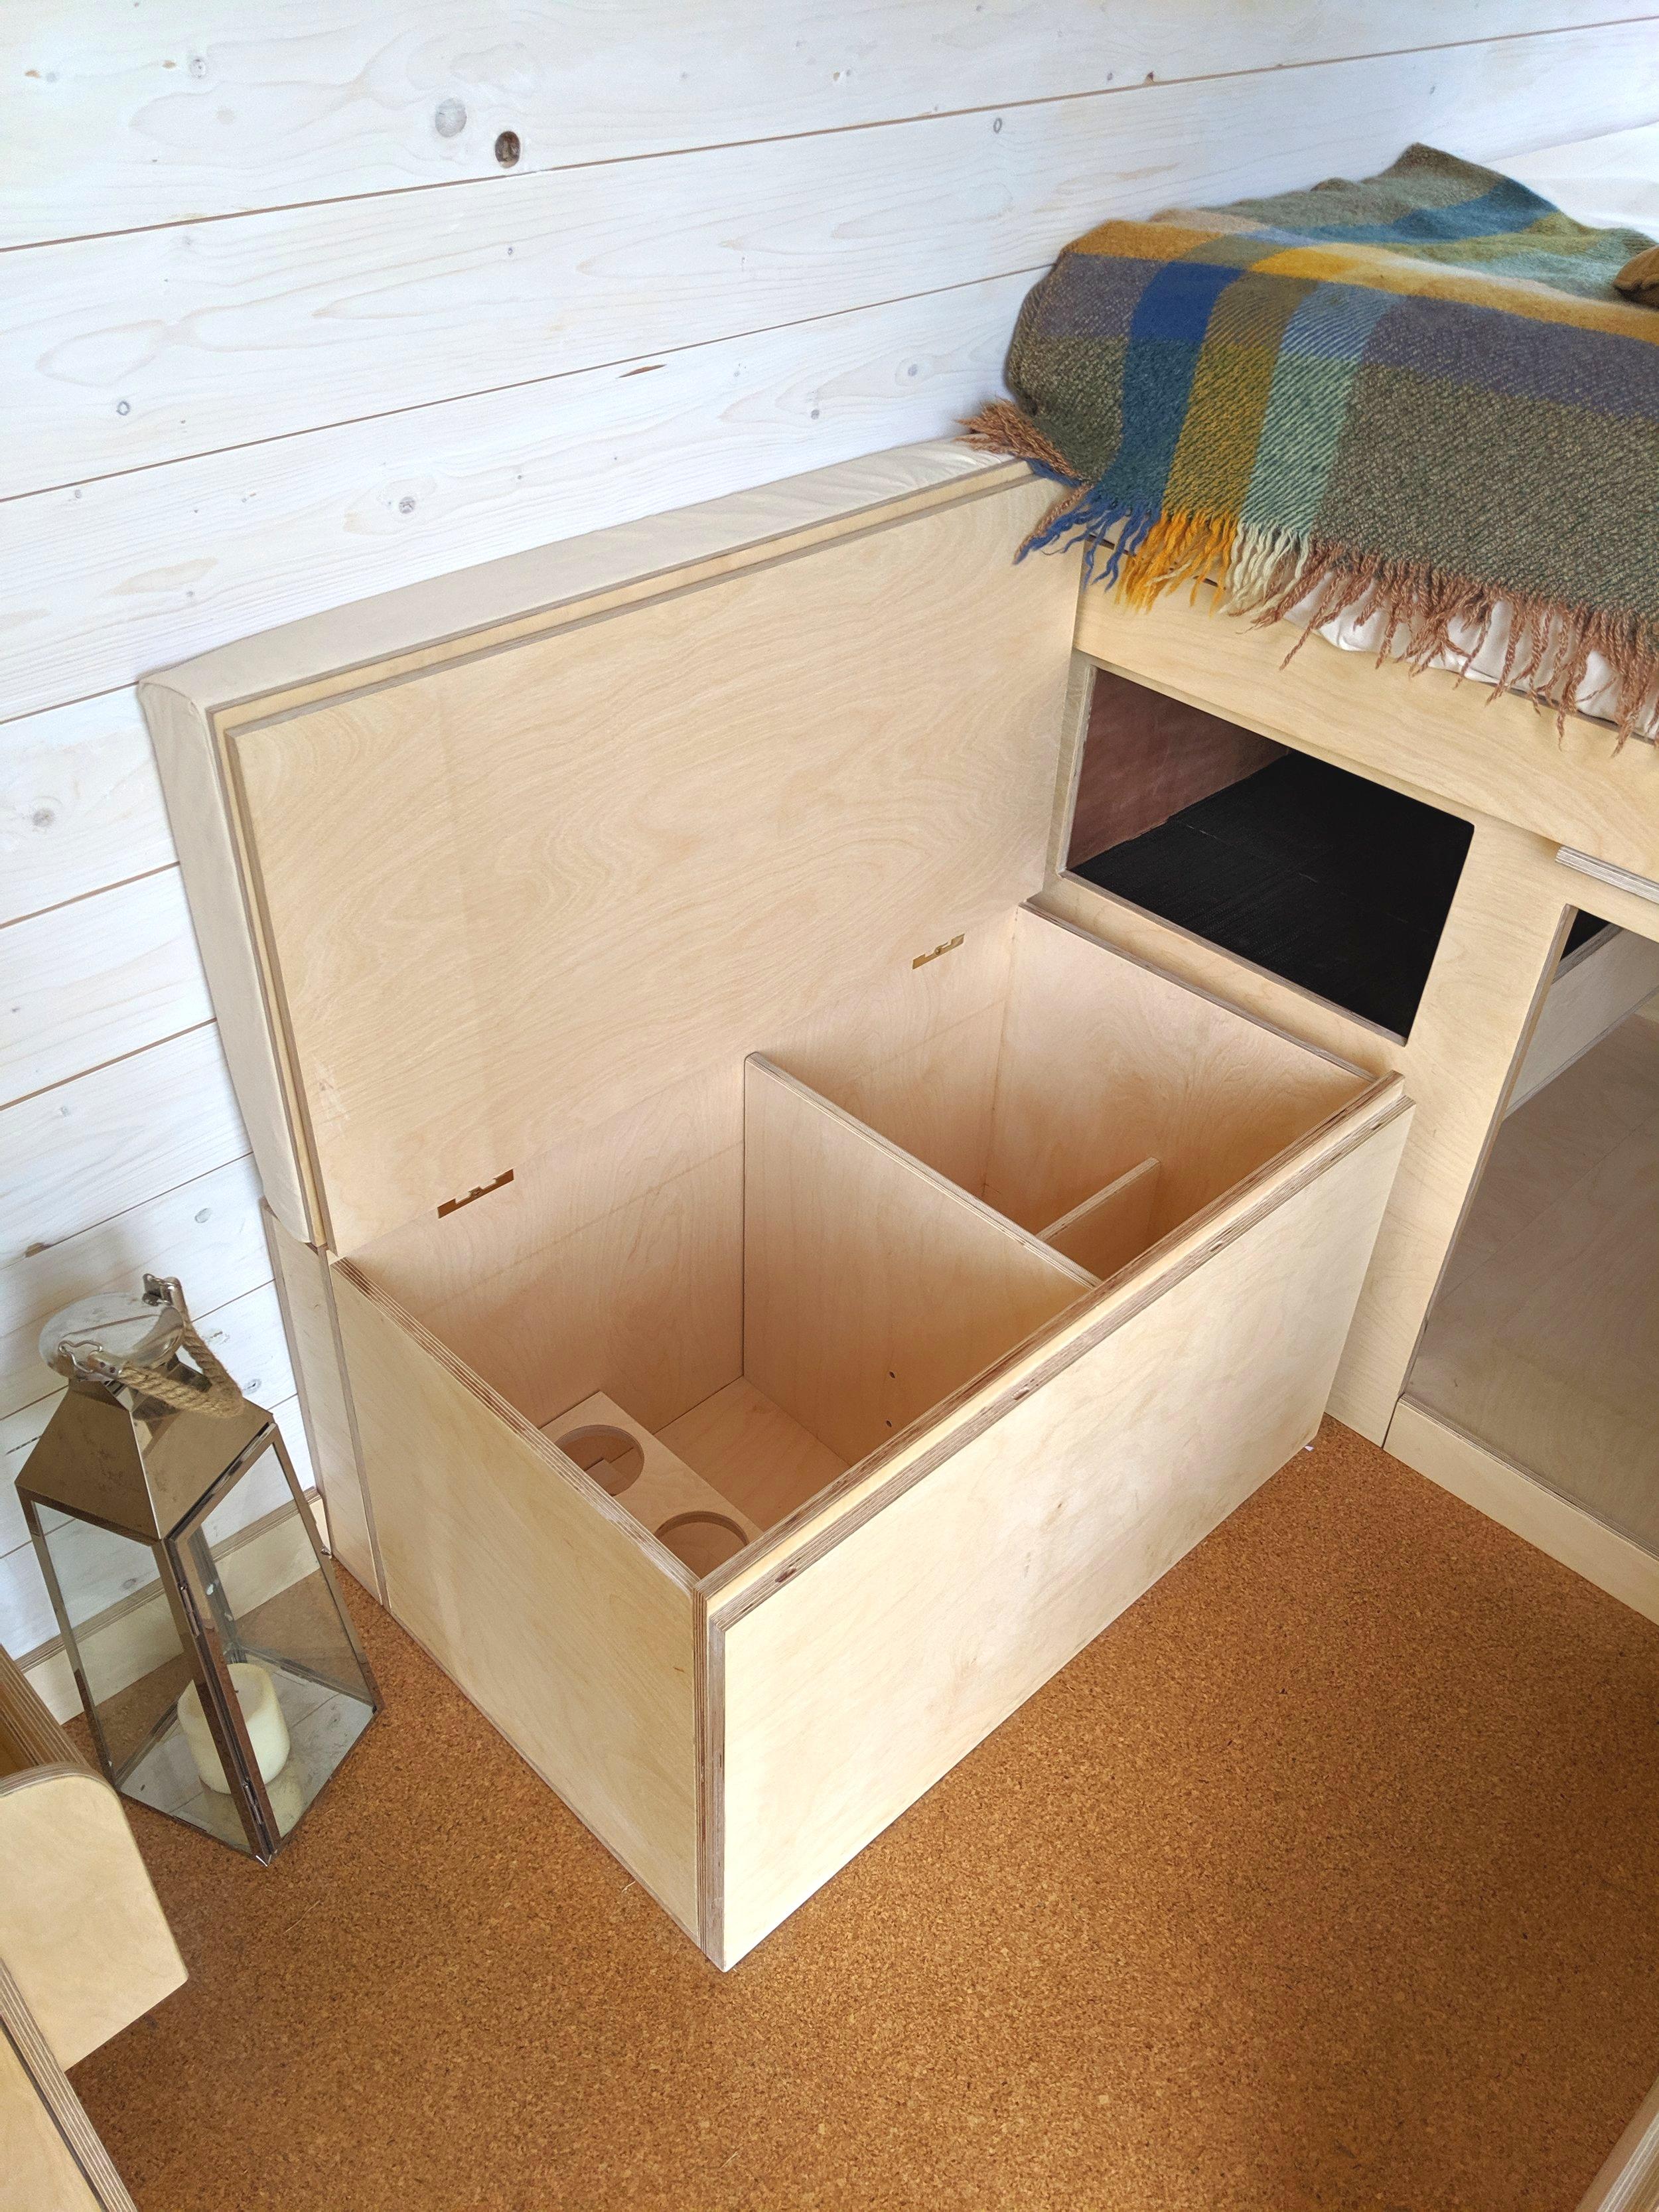 OOOD van under bench storage